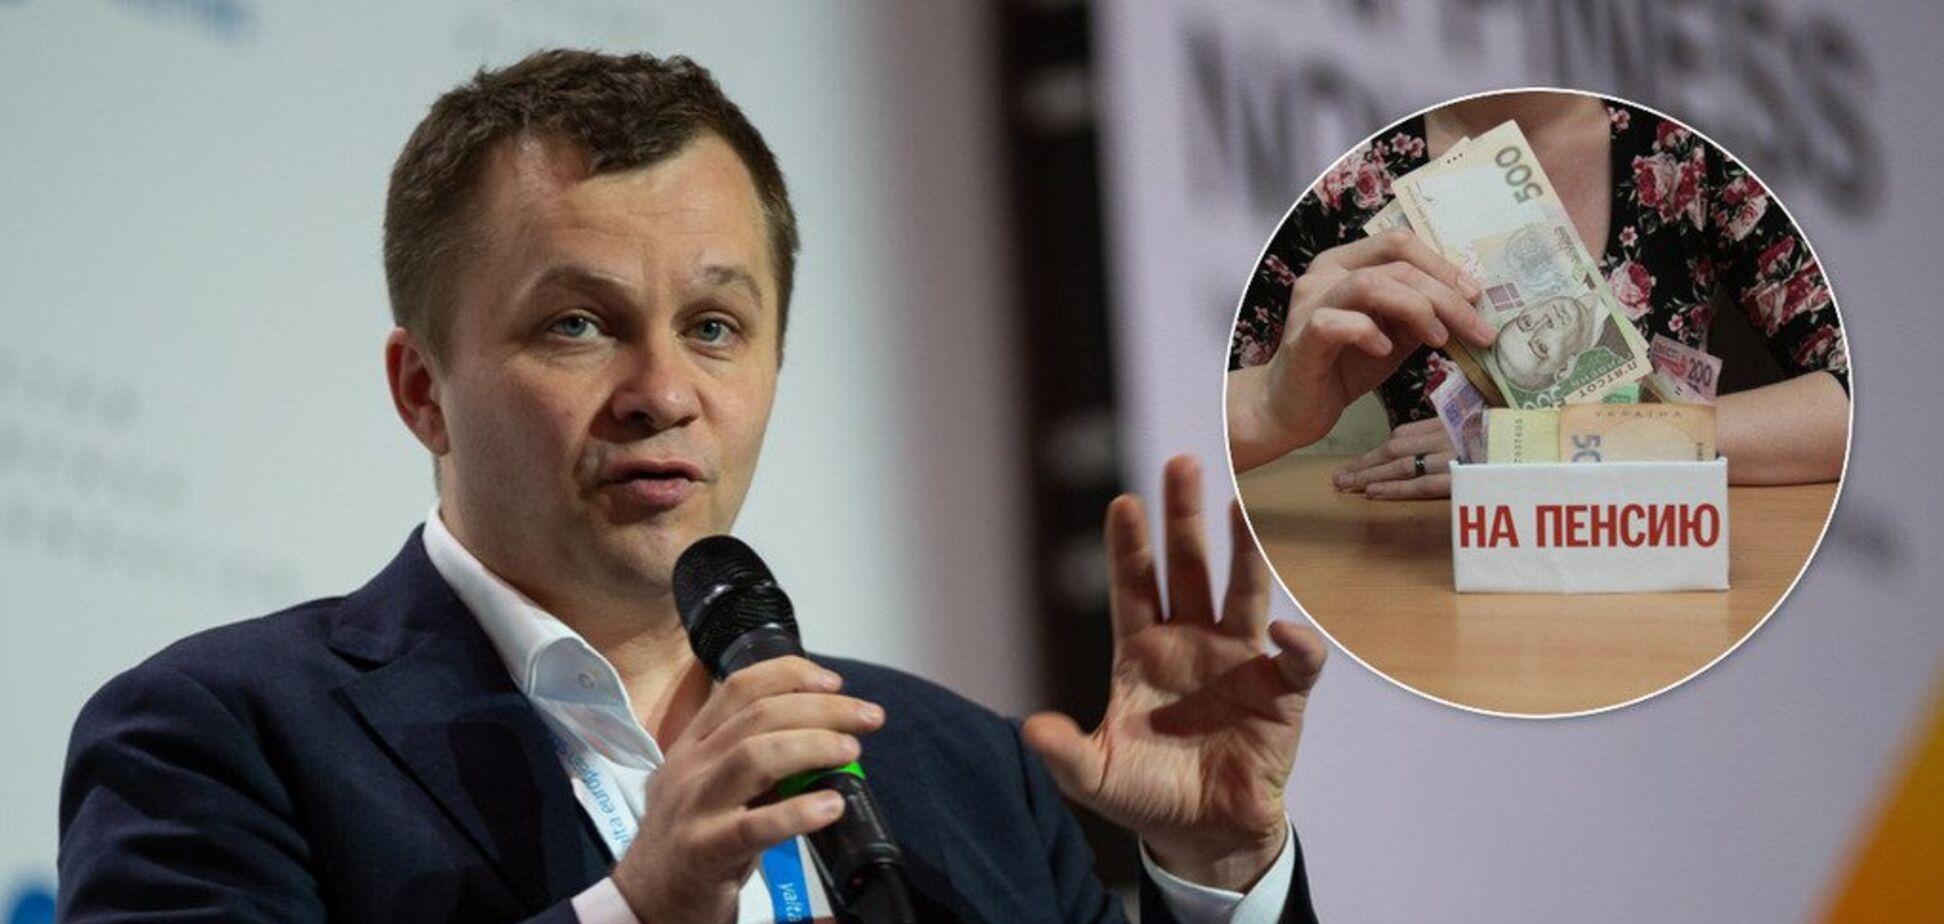 'Слуга народу' задумала позбавити українців пенсій? Що стоїть за скандальною ініціативою Милованова